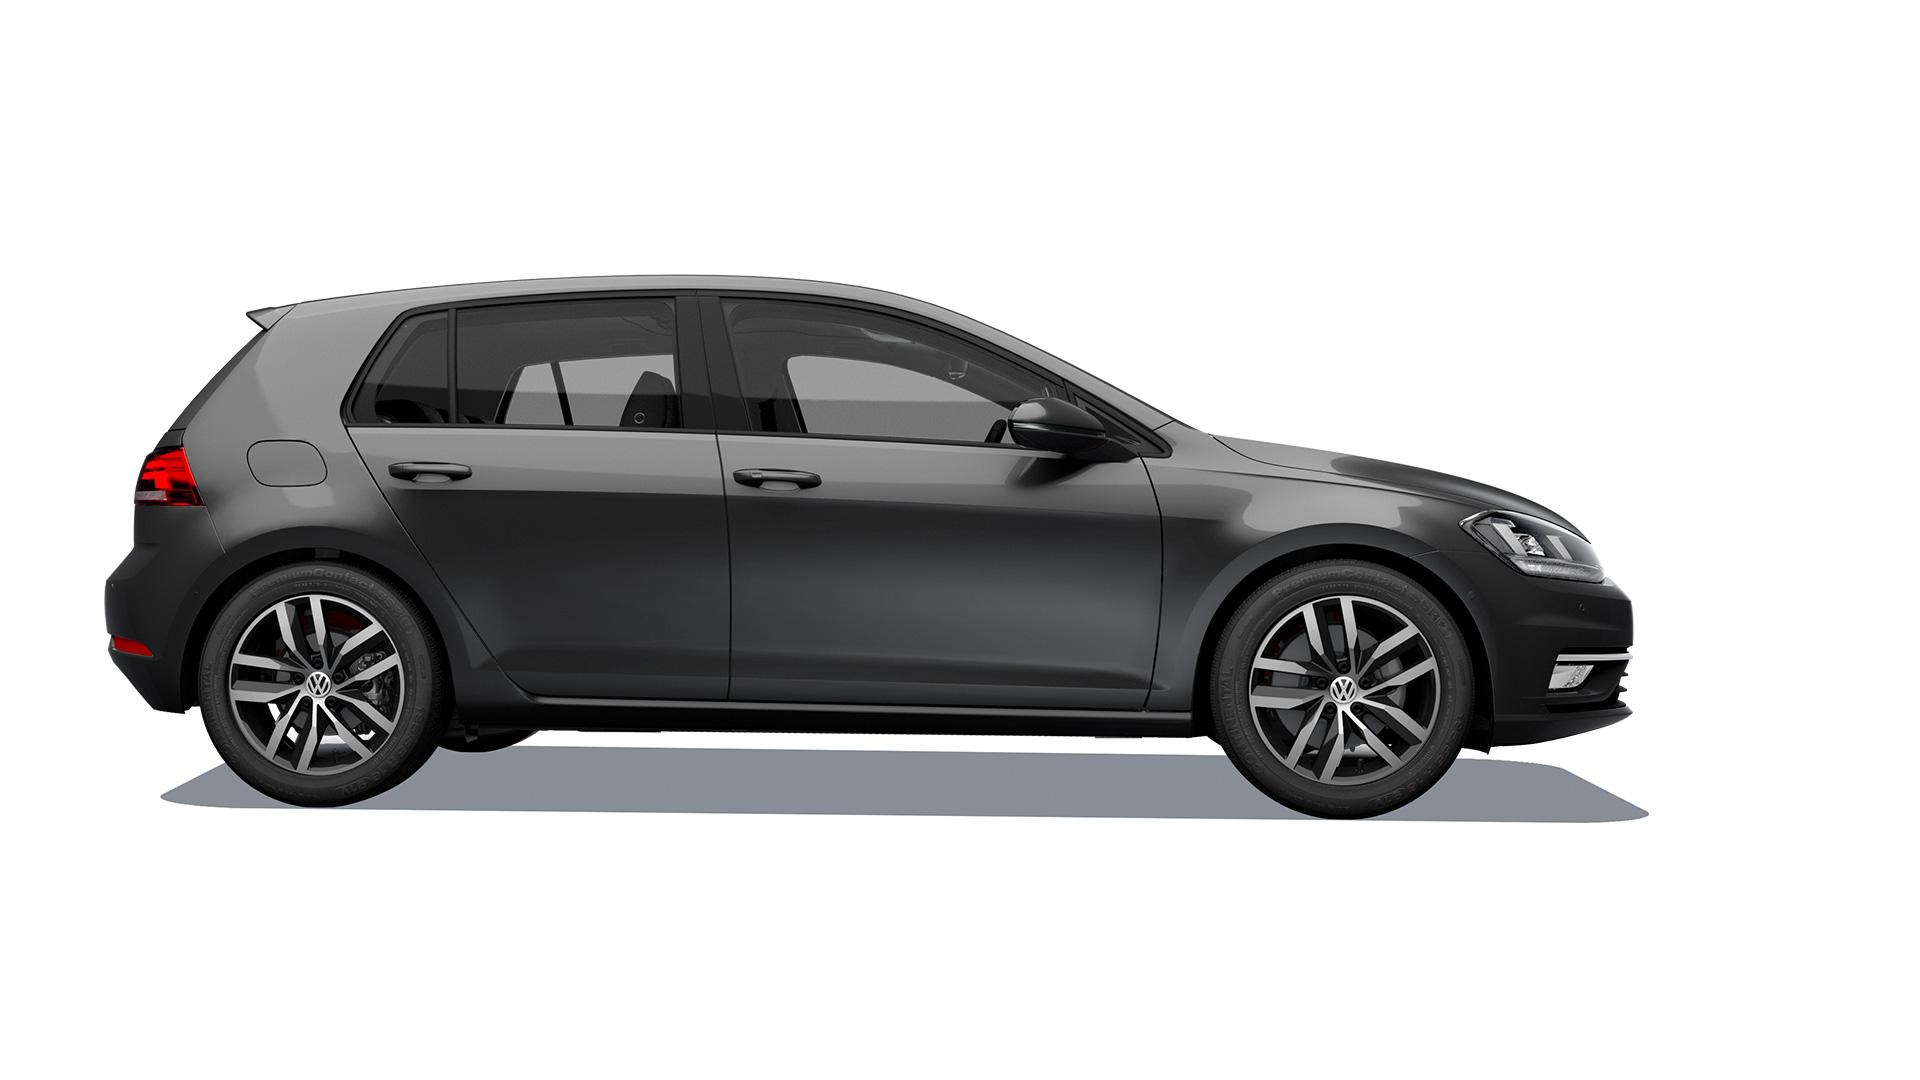 Imagen de hatchback Volkswagen Golf 2020, un auto calificado como seguro